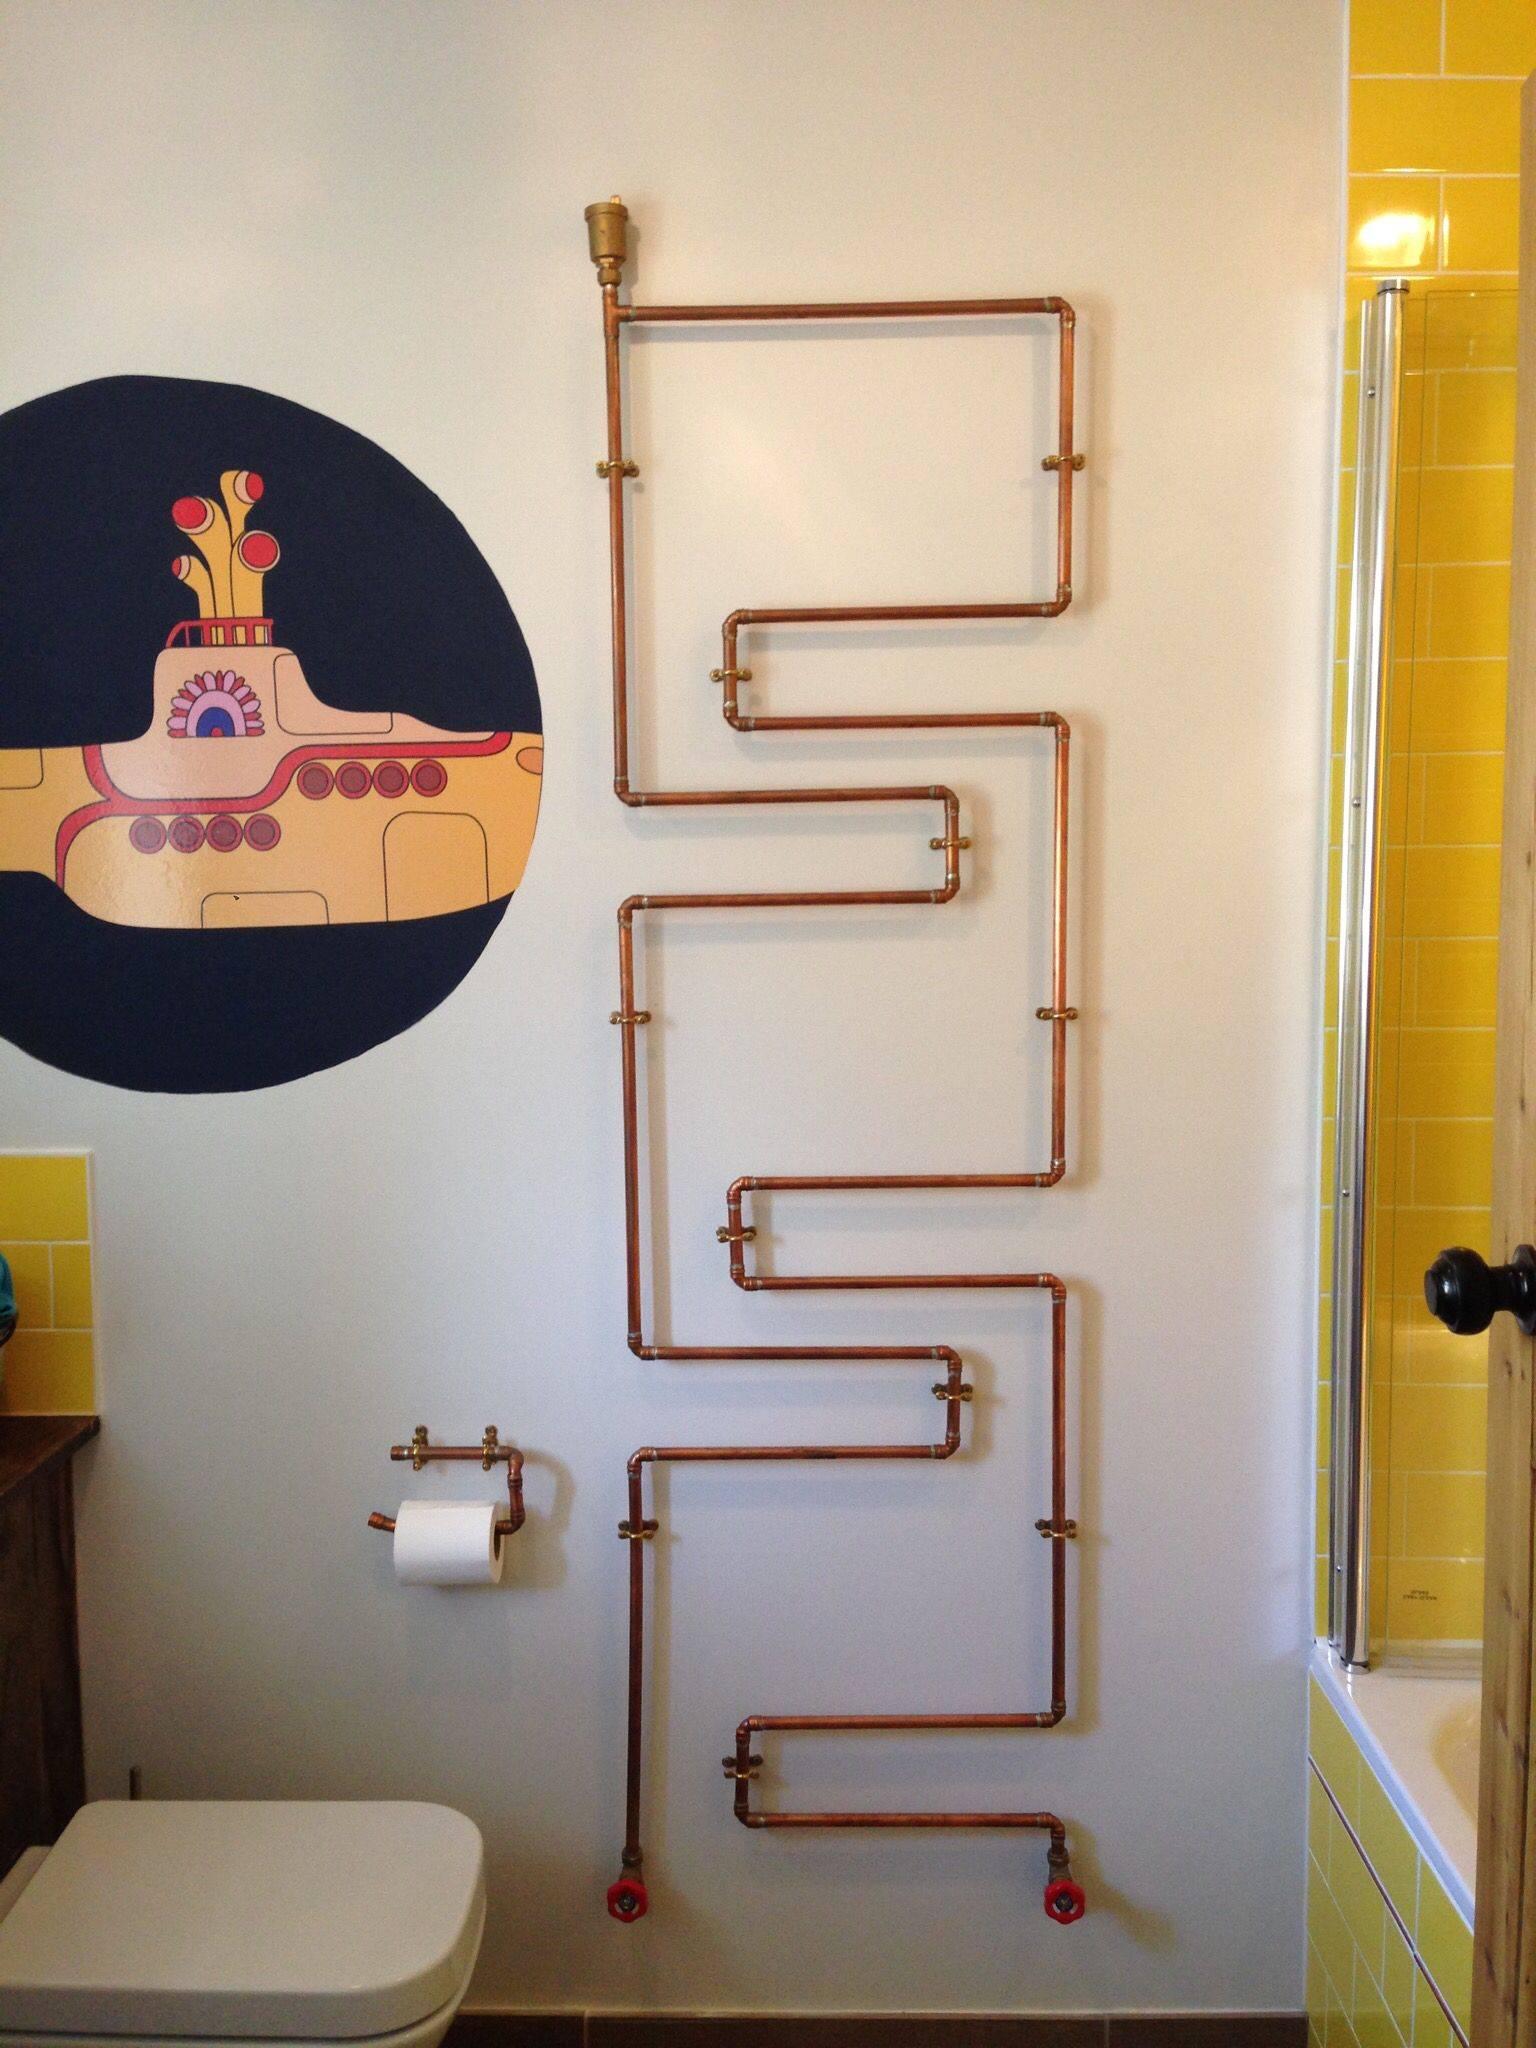 Декорирование труб отопления: как придумать оригинальный дизайн